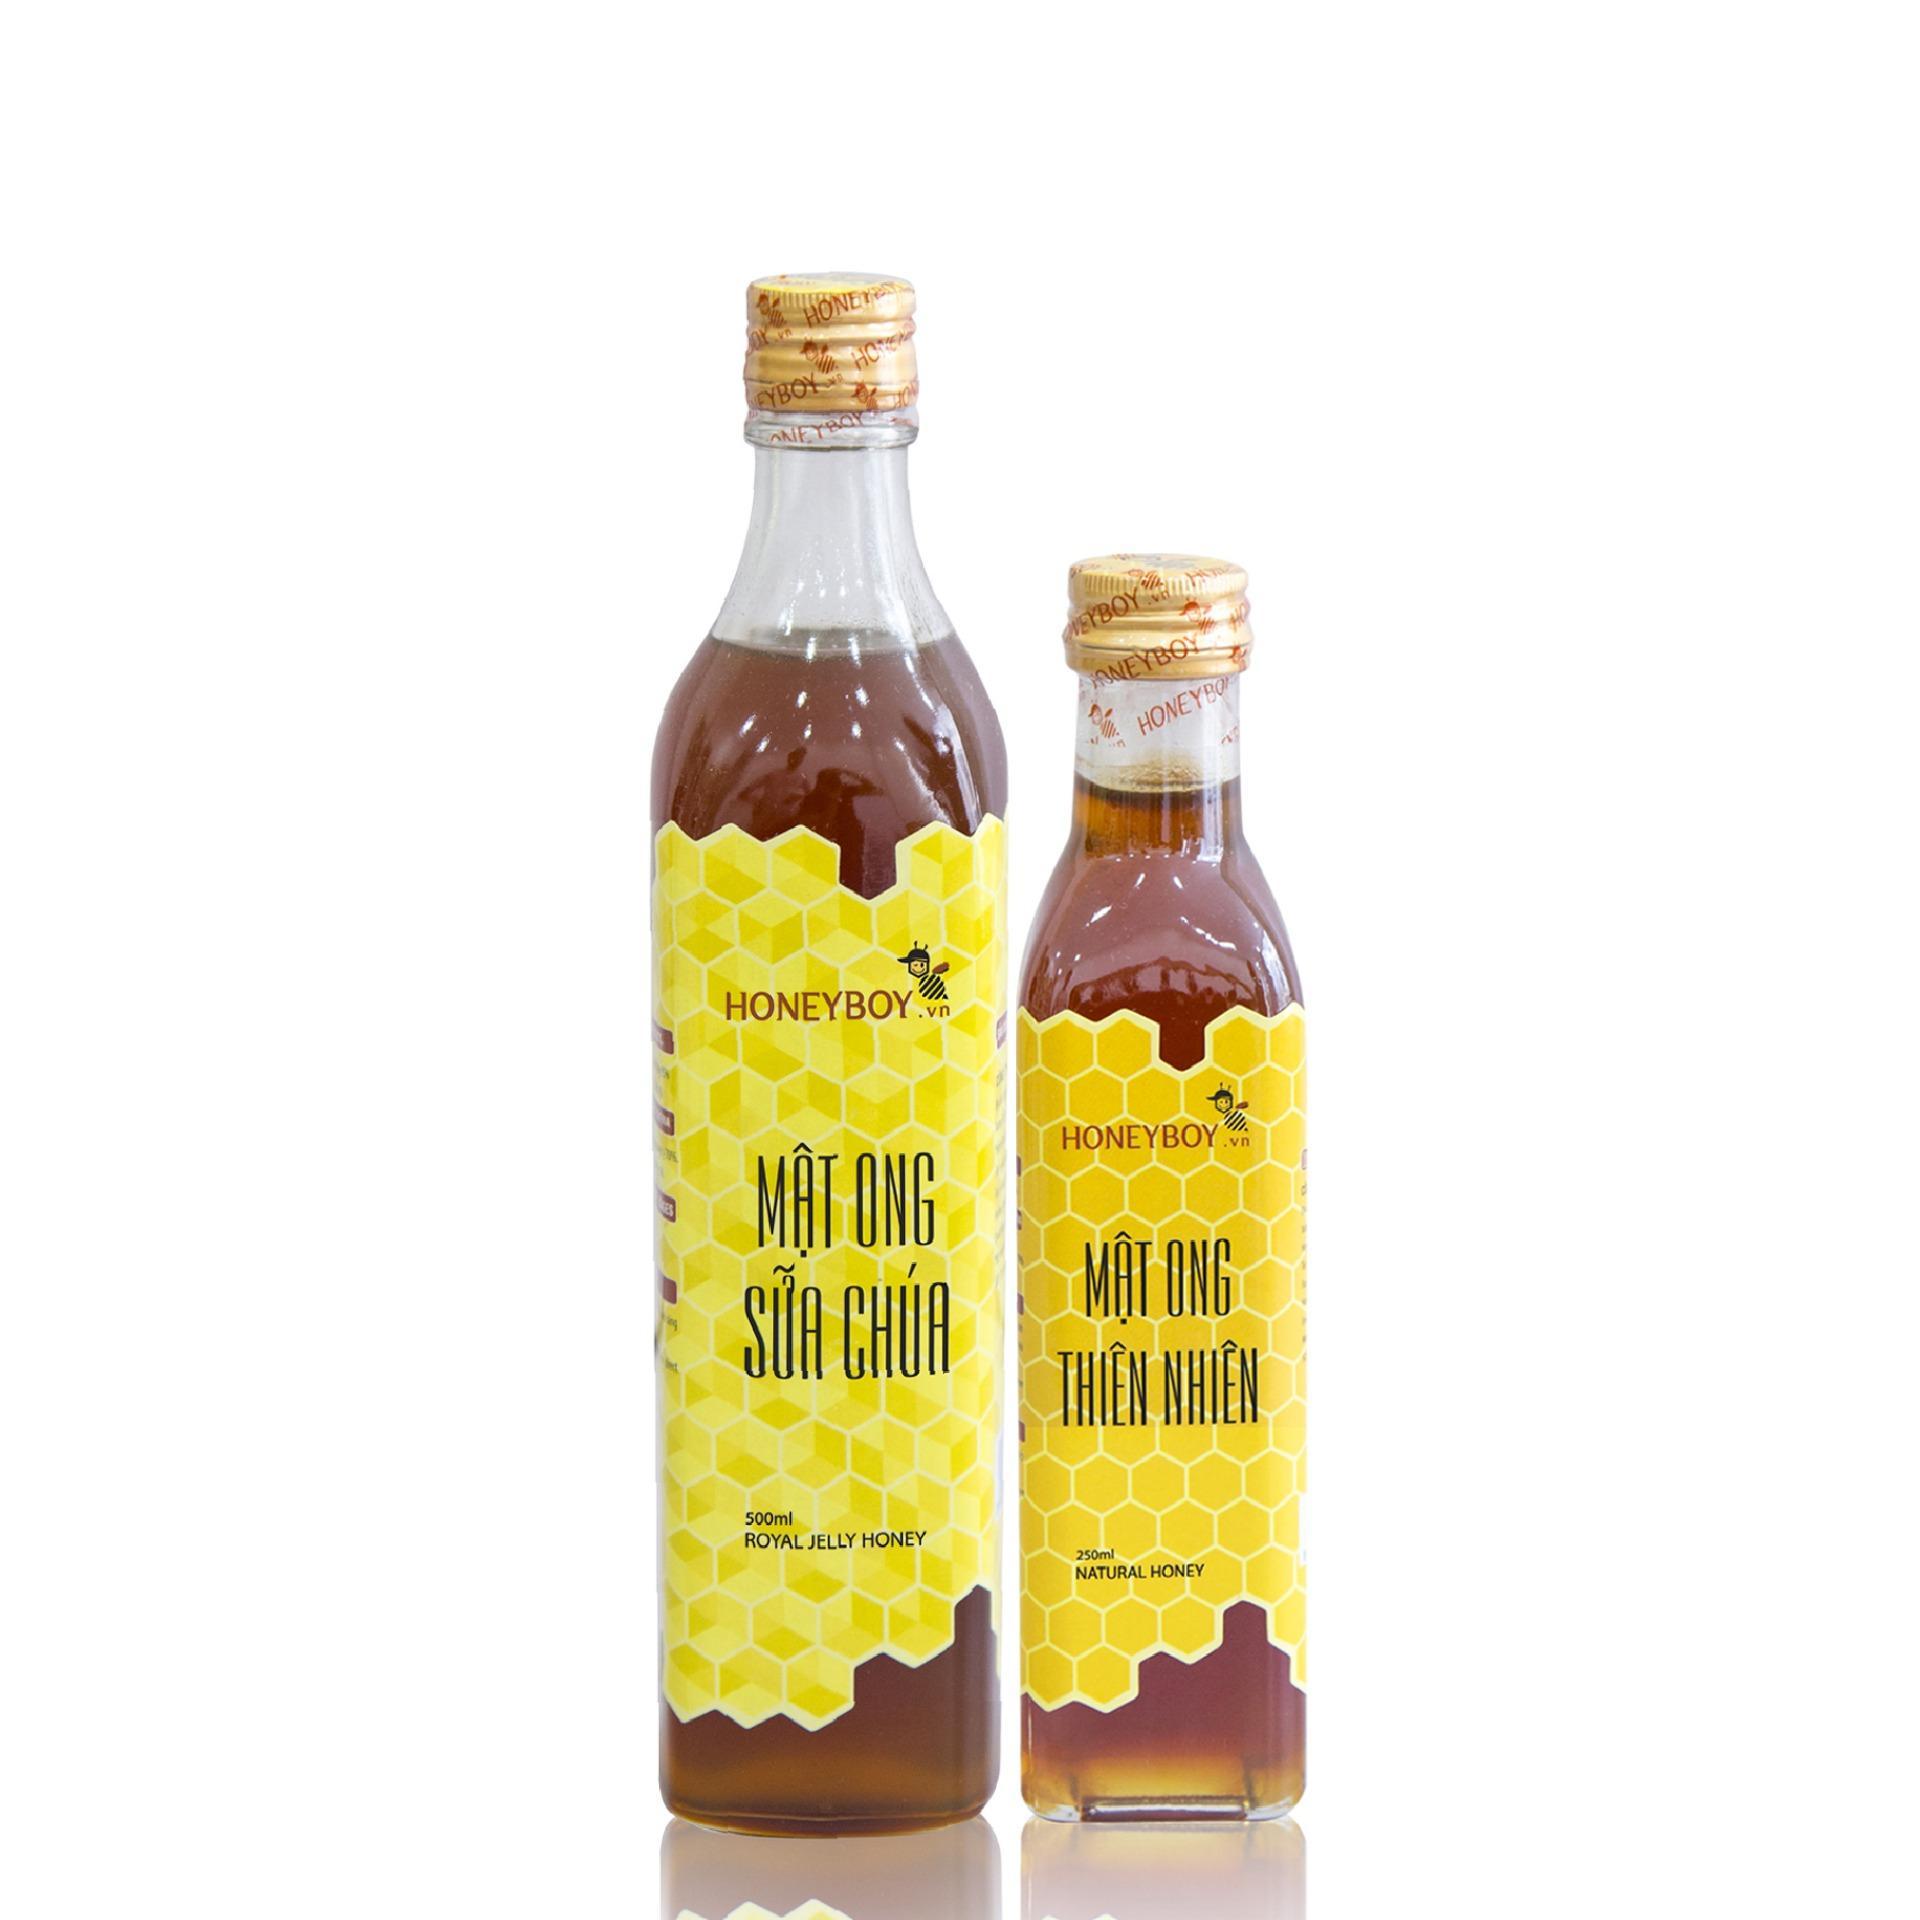 Mã Khuyến Mại Bộ Mật Ong Thien Nhien Honeyboy 250Ml Va Mật Ong Sữa Chua Honeyboy 500Ml Hồ Chí Minh